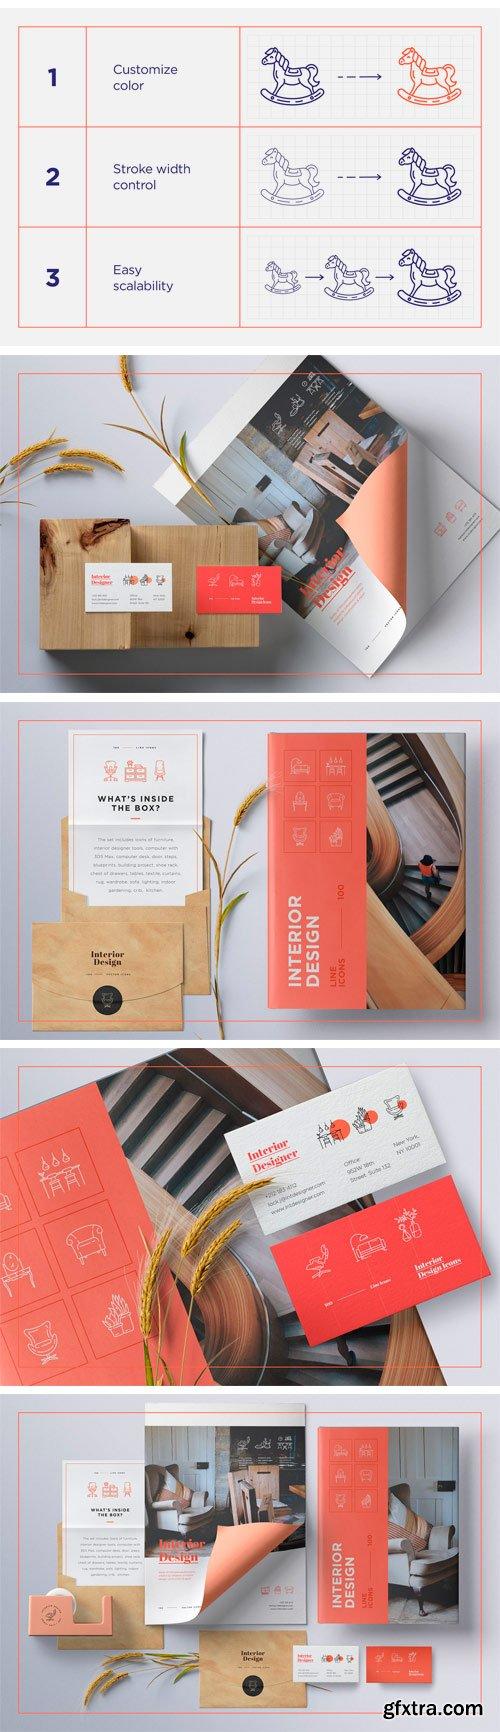 CM - Interior Design Icons Set 2272243